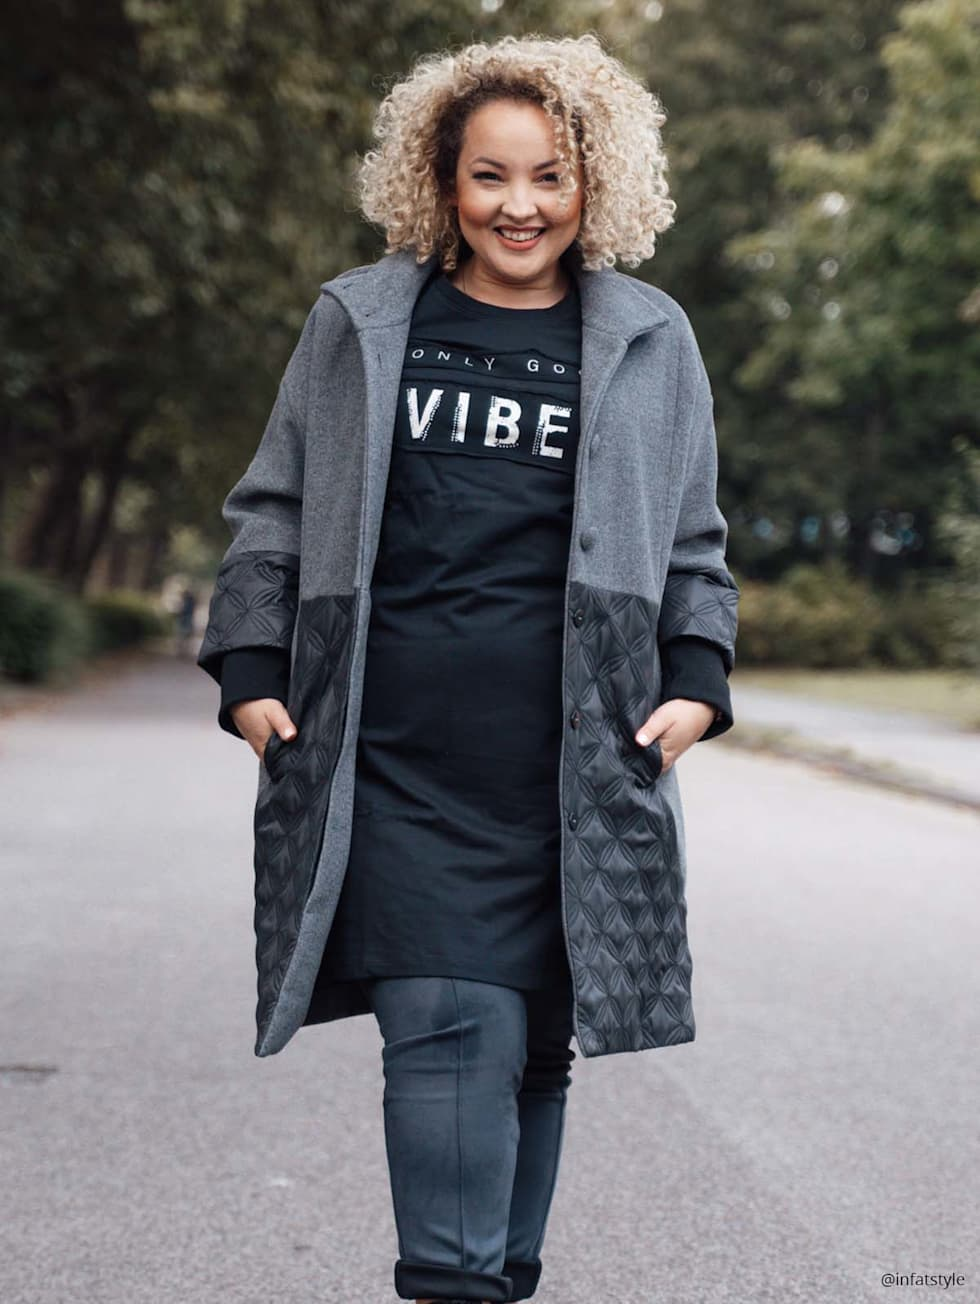 MIAMODA Große Größen Blogger Outfit Infatstyle